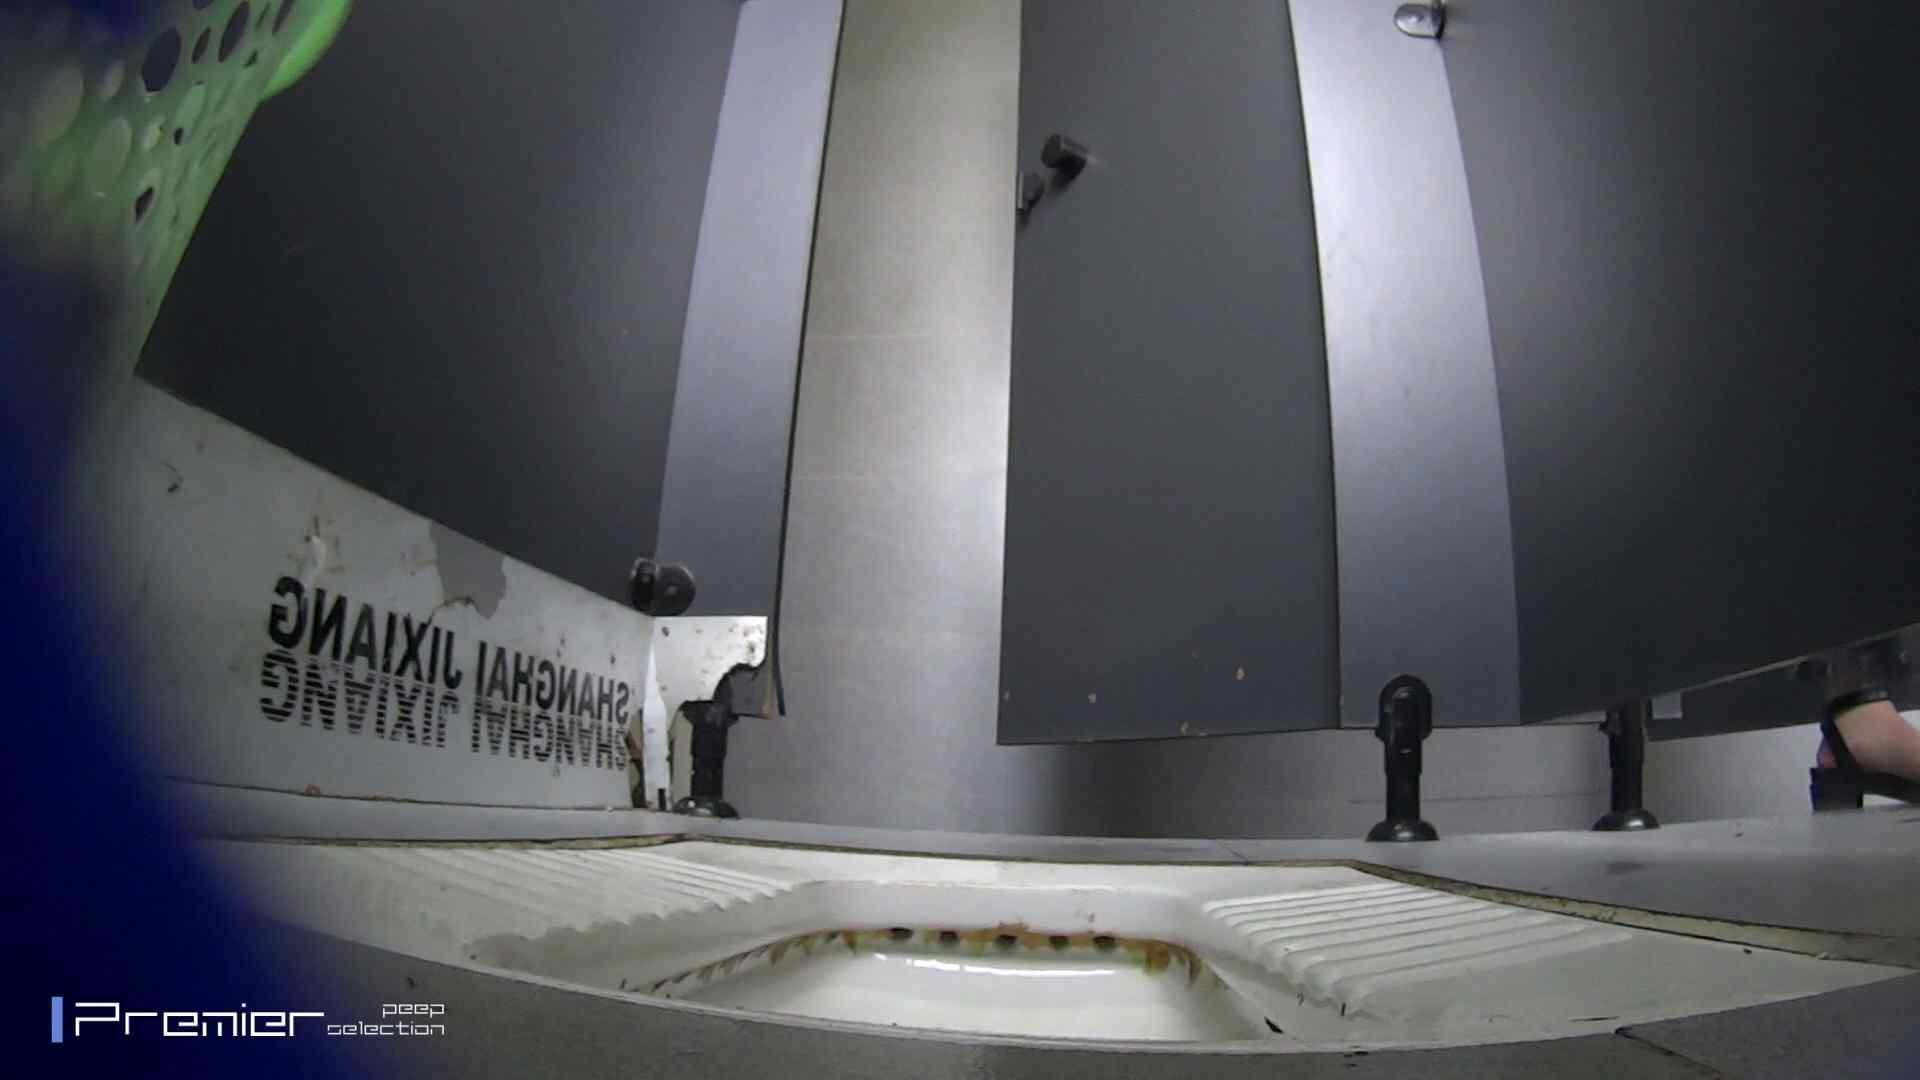 ポチャが多めの洗面所 大学休憩時間の洗面所事情45 ギャル達 エロ画像 107枚 98